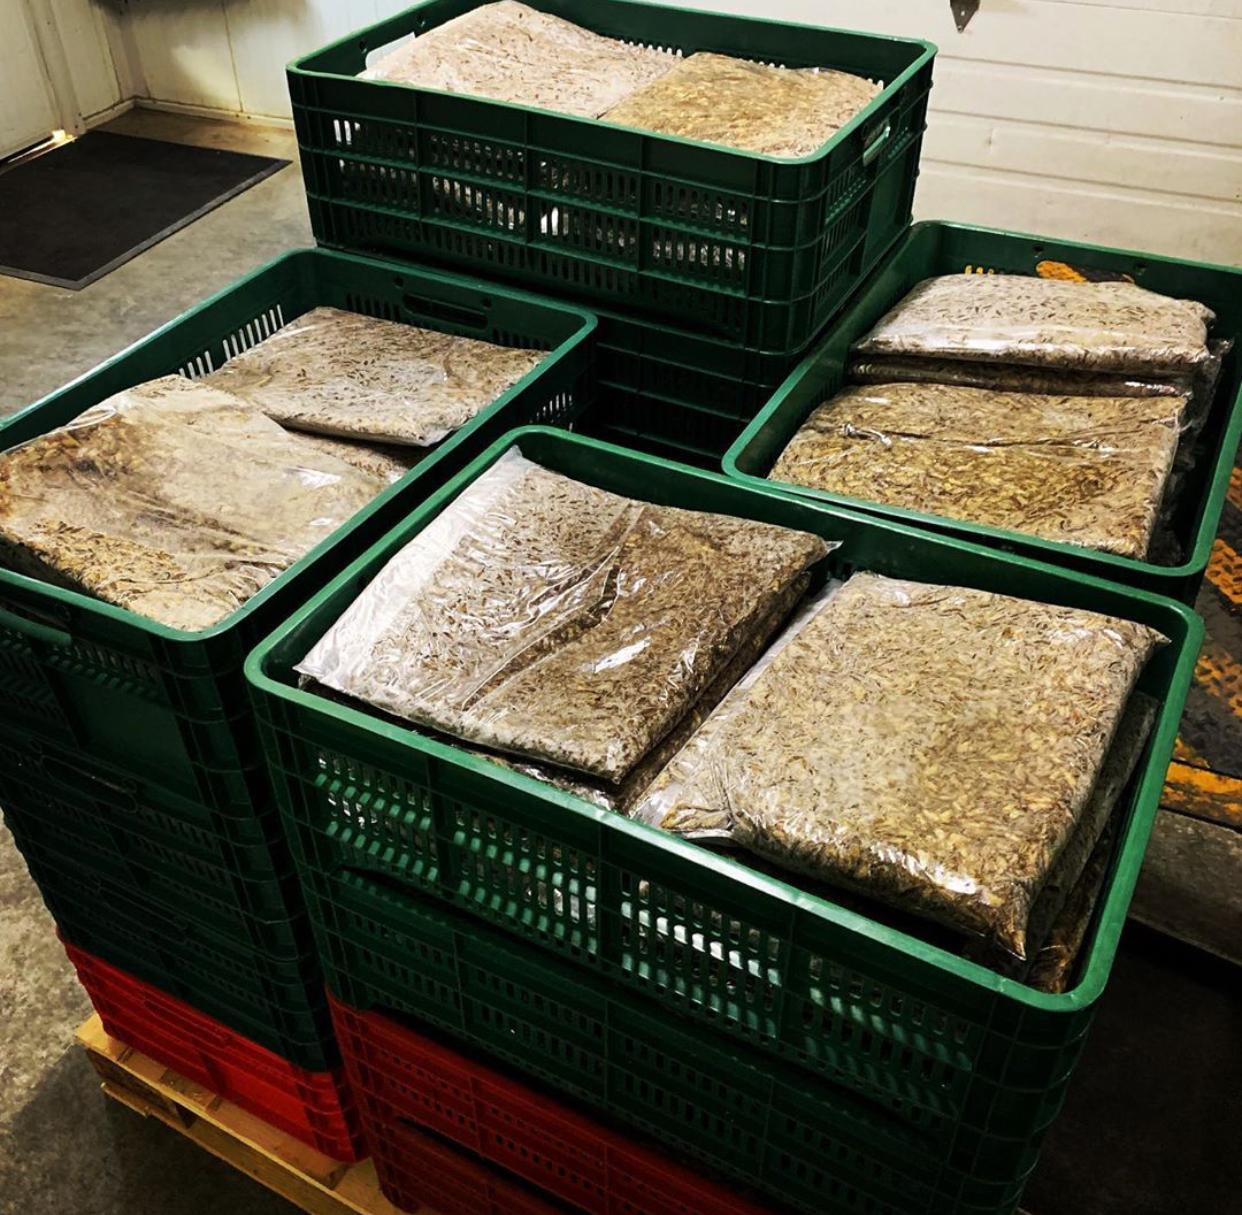 Harina de grillo el alimento del futuro: sostenible y nutritivo